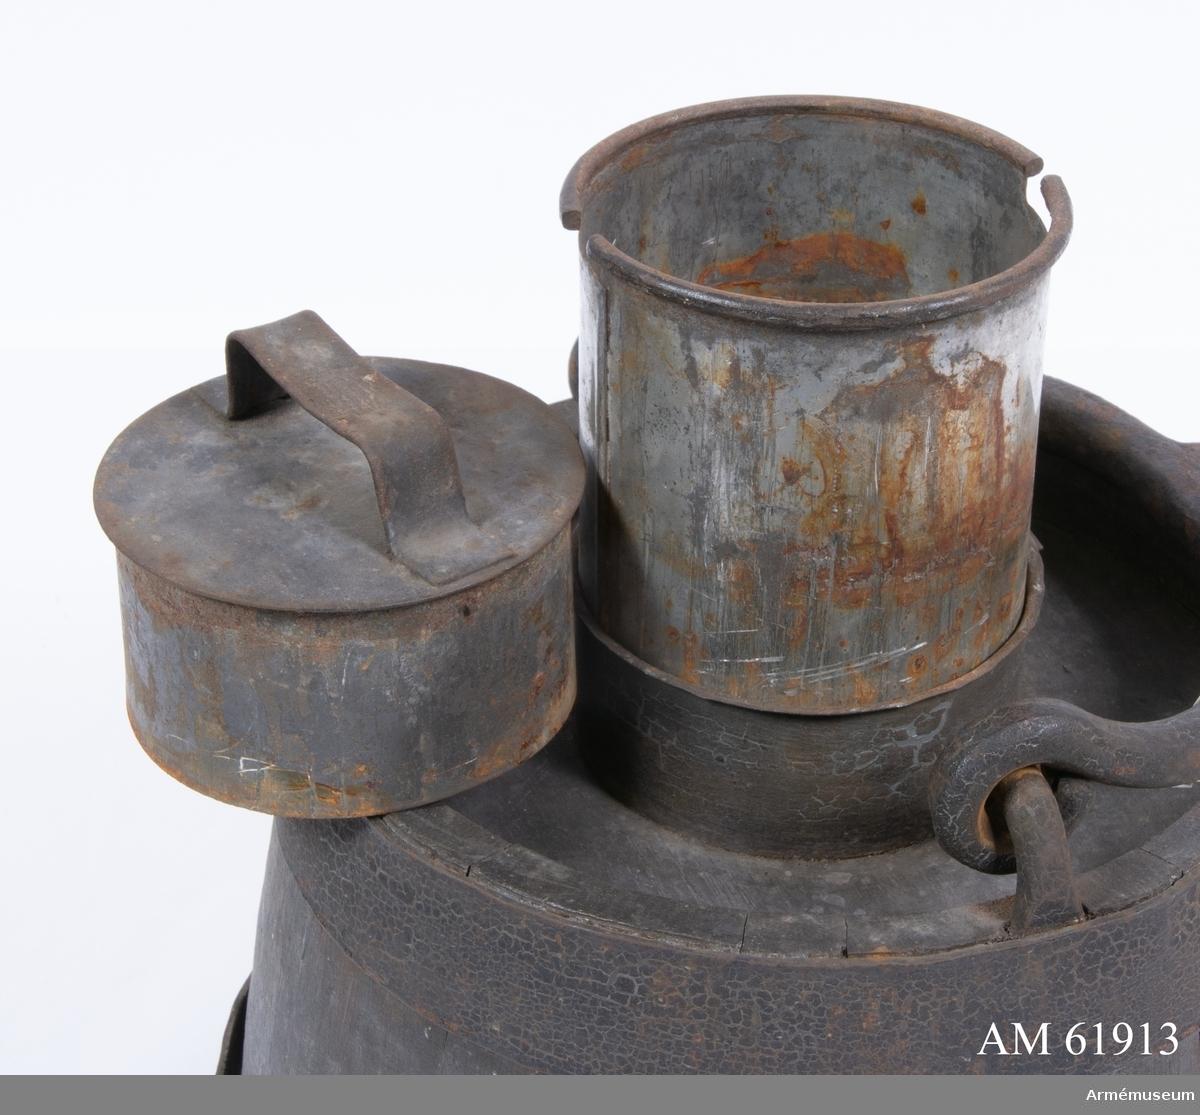 Grupp F I. Järnblecksfodral till viskare till 4-pundig bakladdningskanon av Krupps system med rundkil.